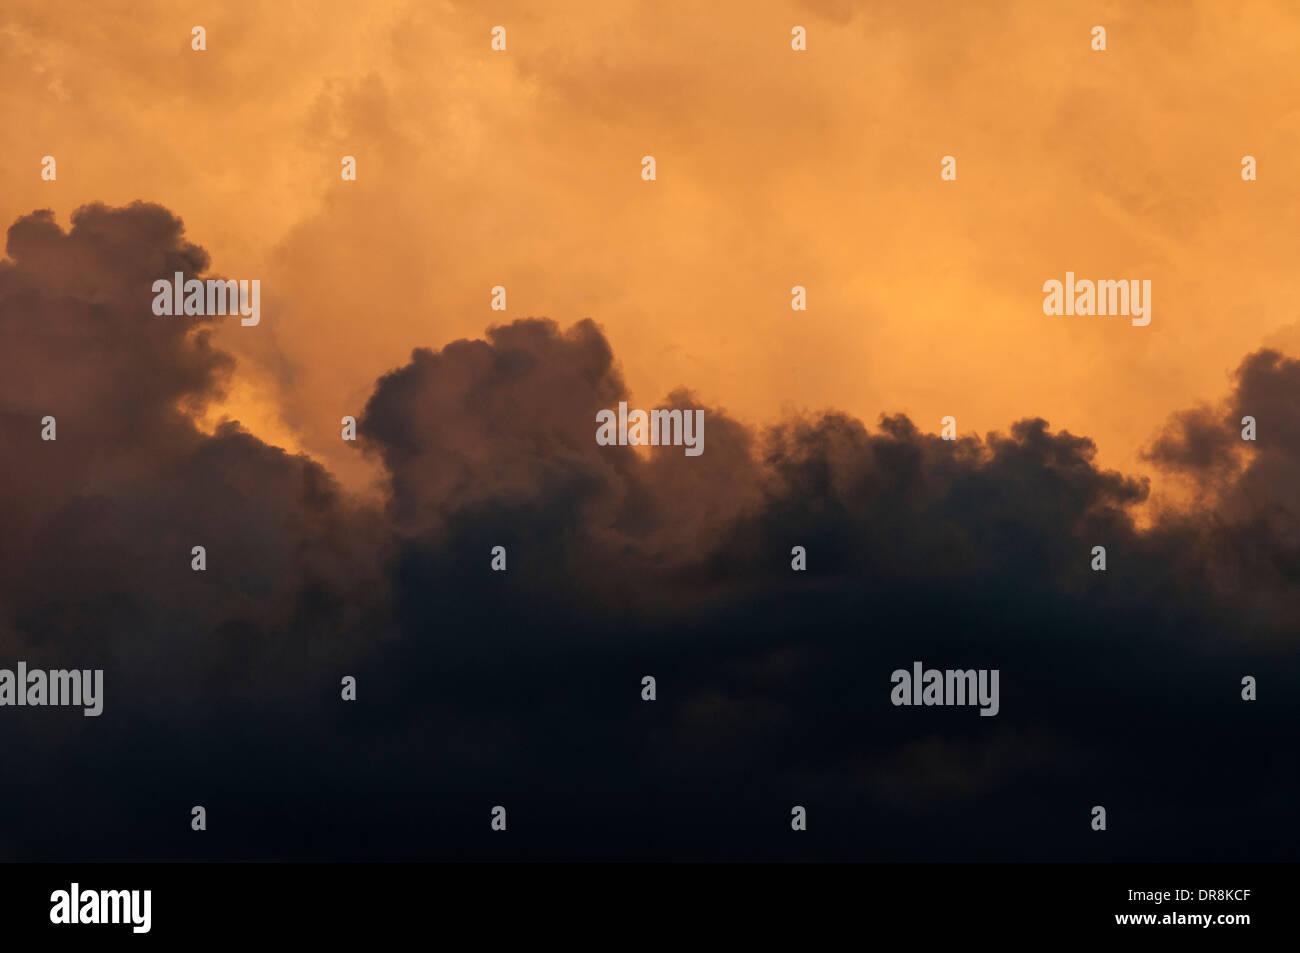 Thunderhead cloud al atardecer por encima de la cuenca stanley idaho Imagen De Stock